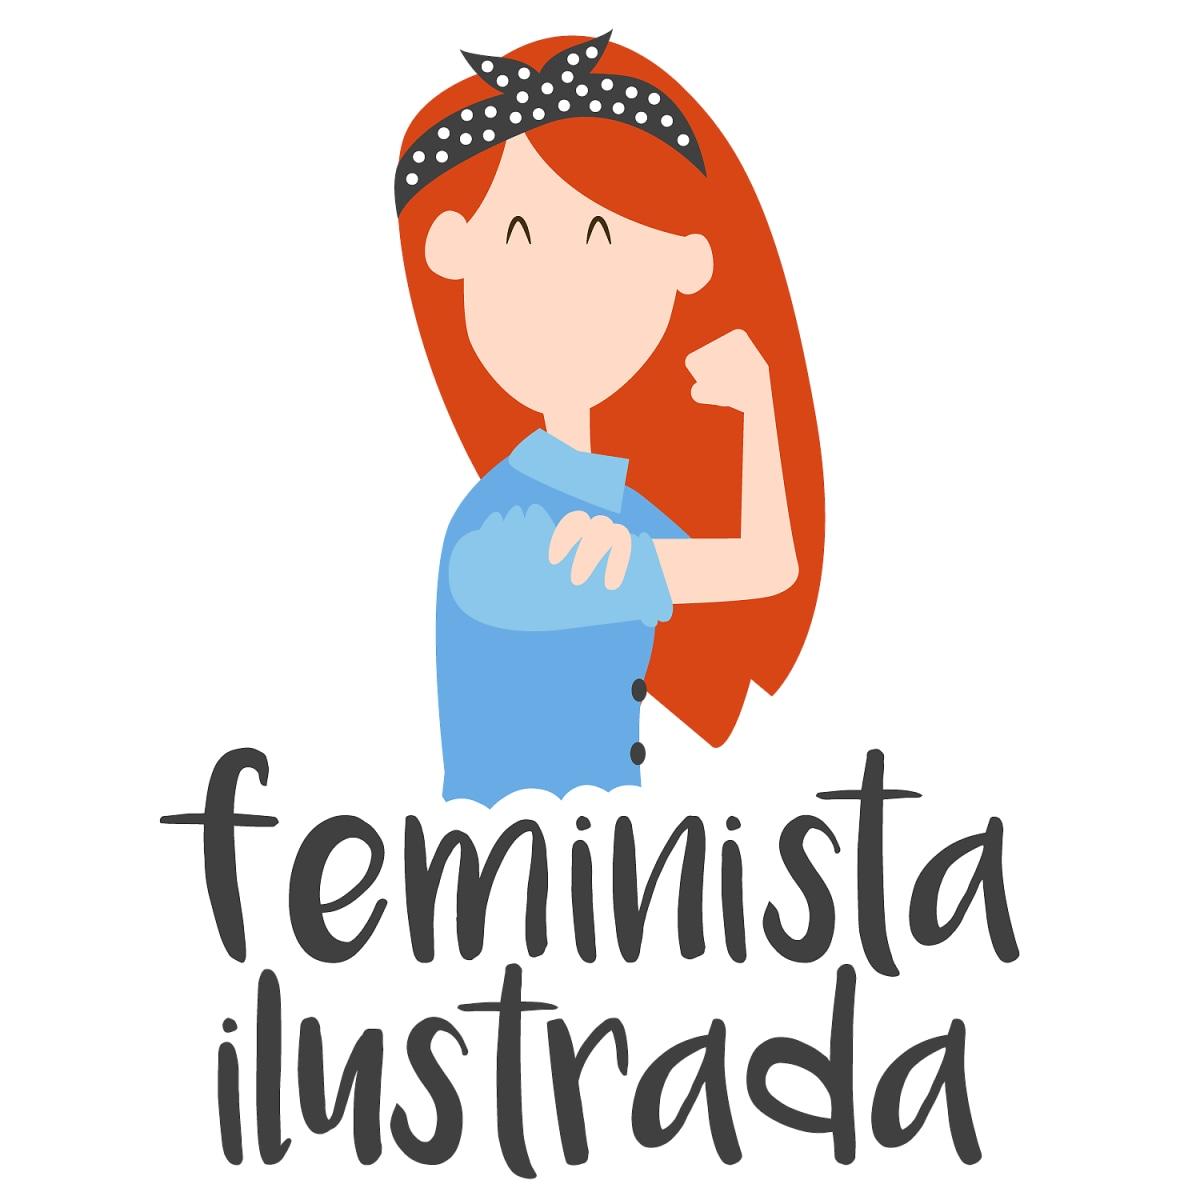 feminista-ilustrada-logo